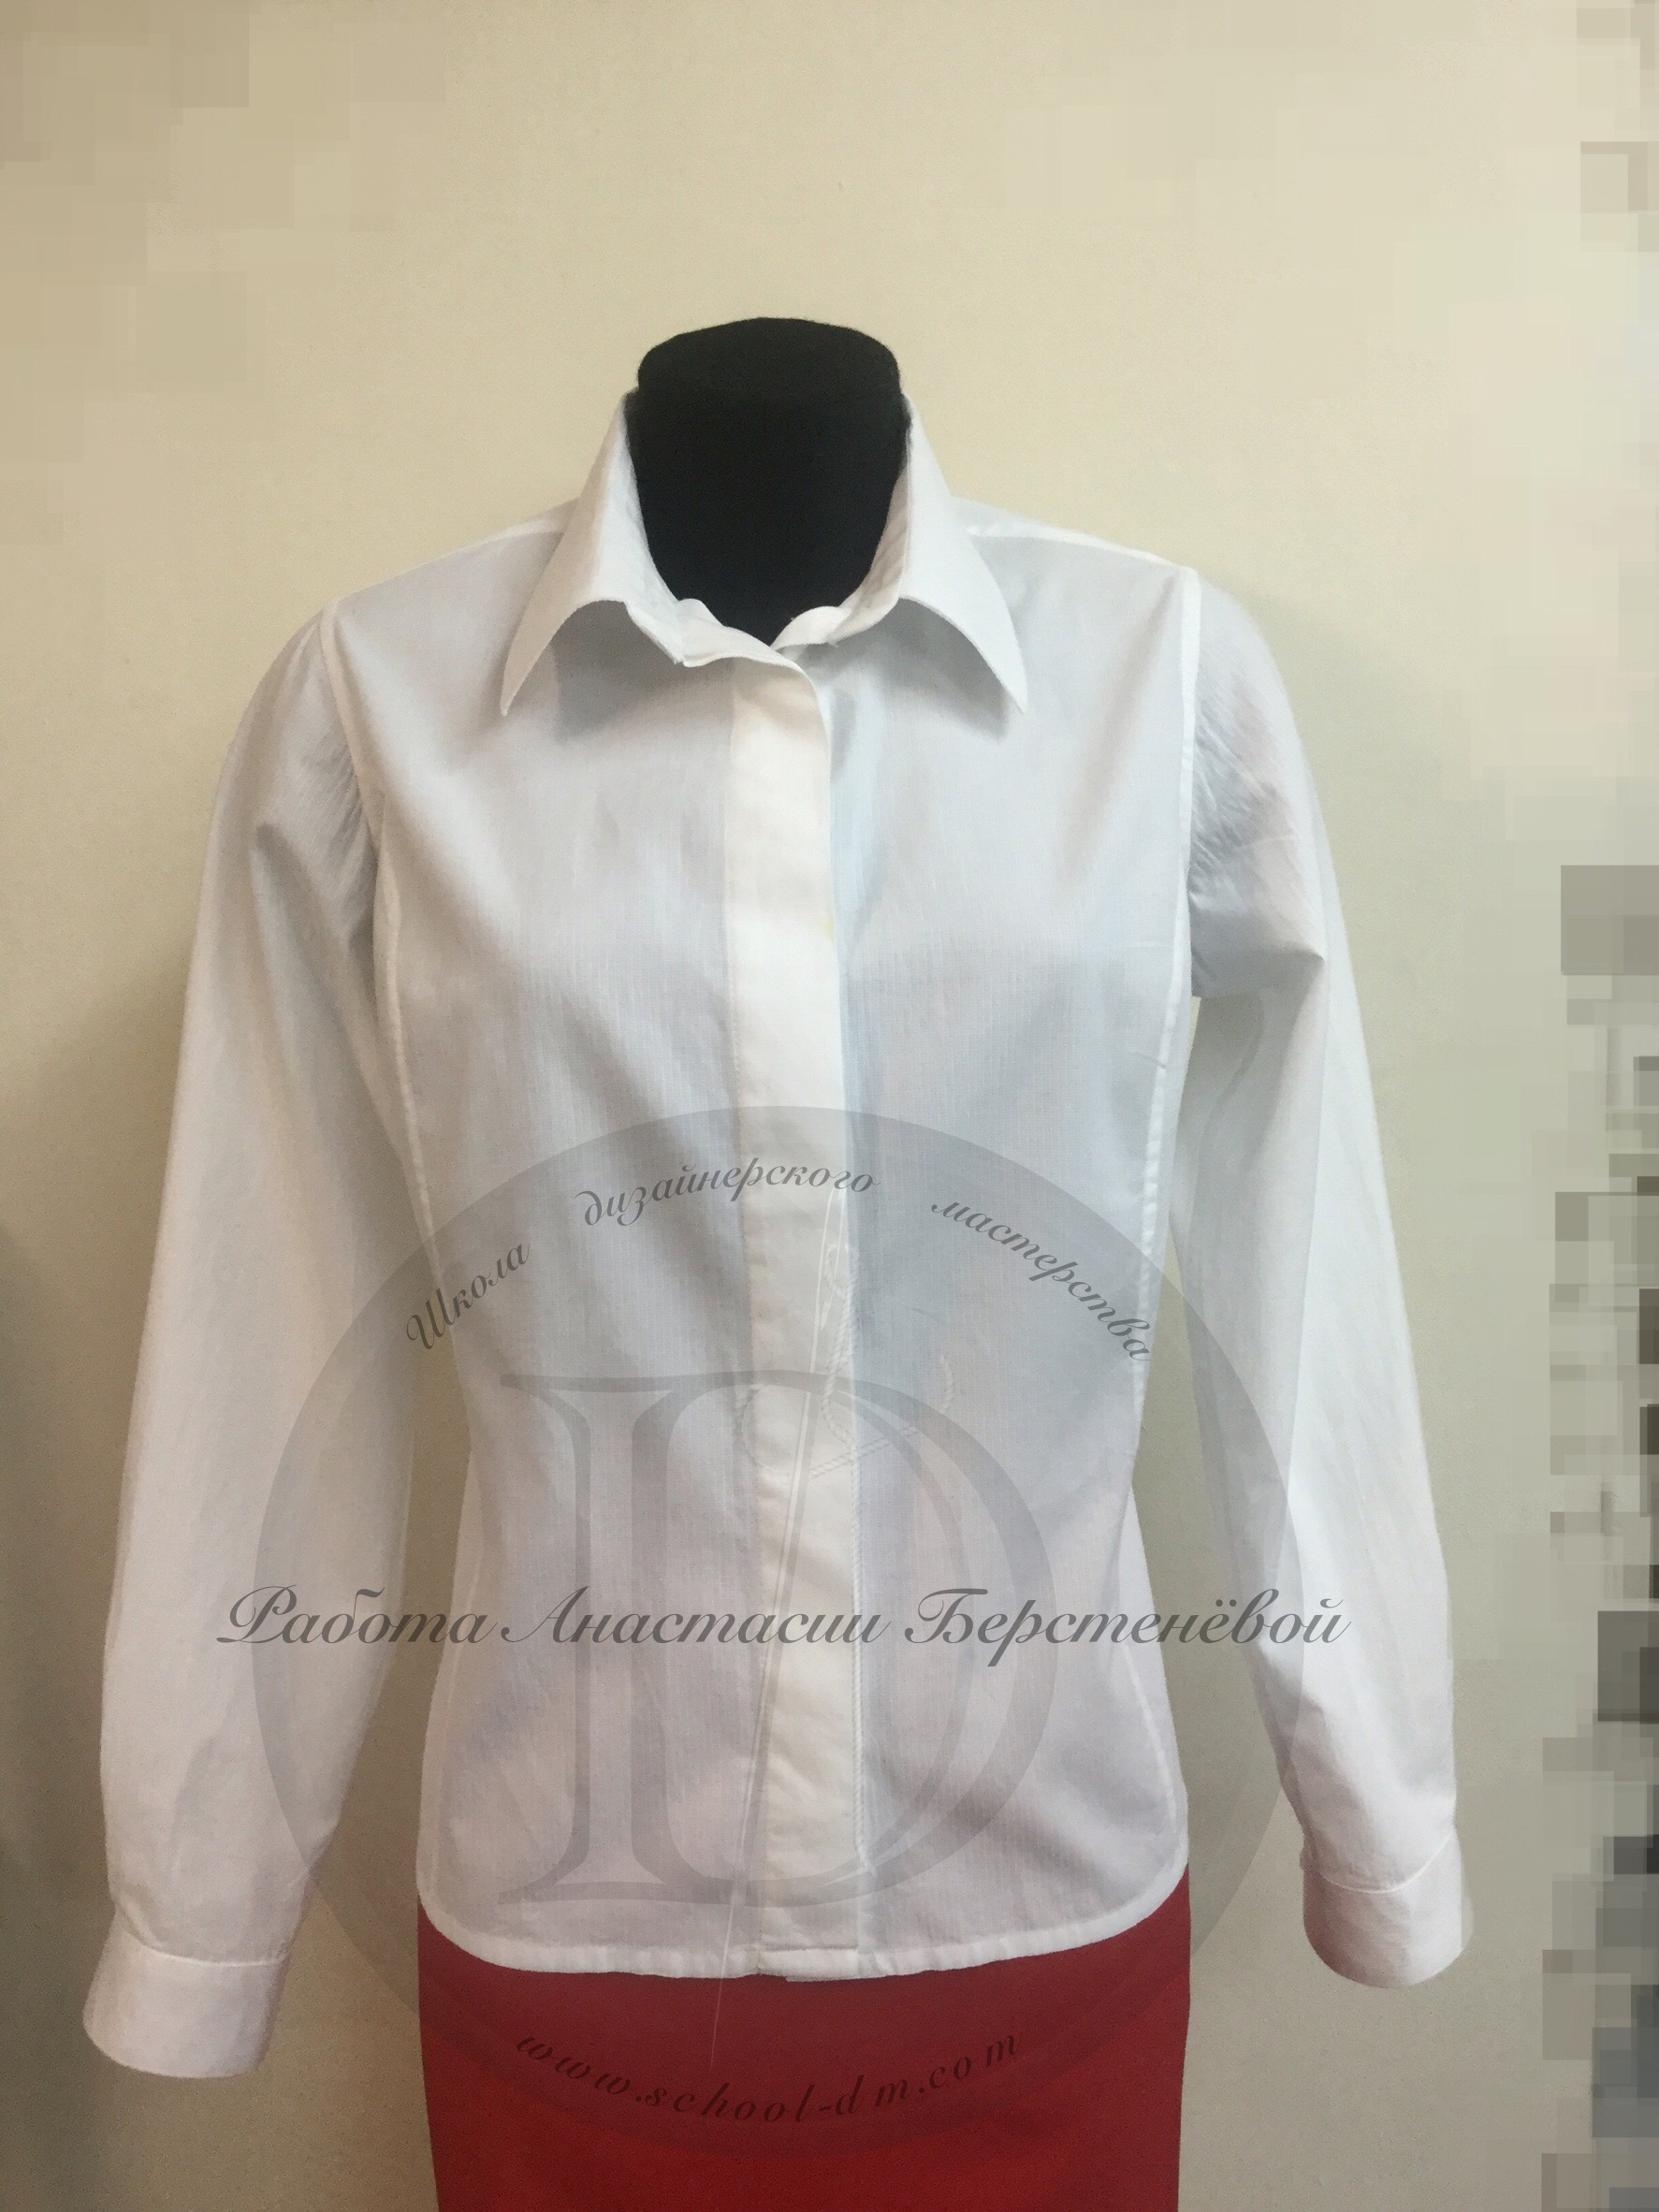 Школа дизайнерского мастерства, курсы кройки и шитья, женская блузка, шить блузку